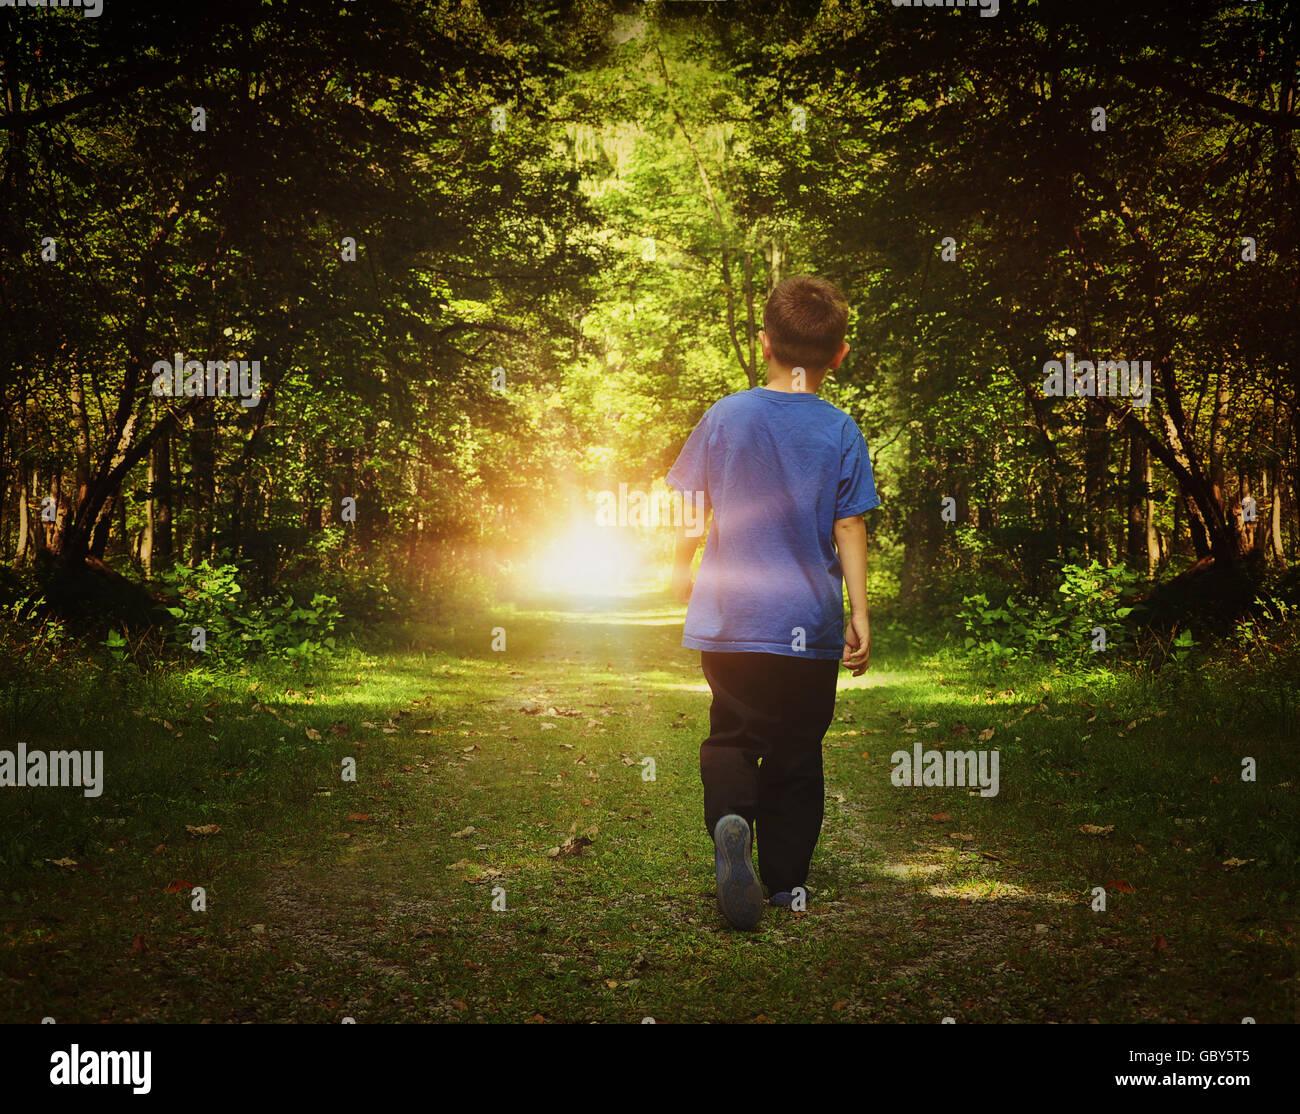 Un enfant marche dans les bois sombres en une lumière vive sur un chemin pour la liberté ou le bonheur Photo Stock